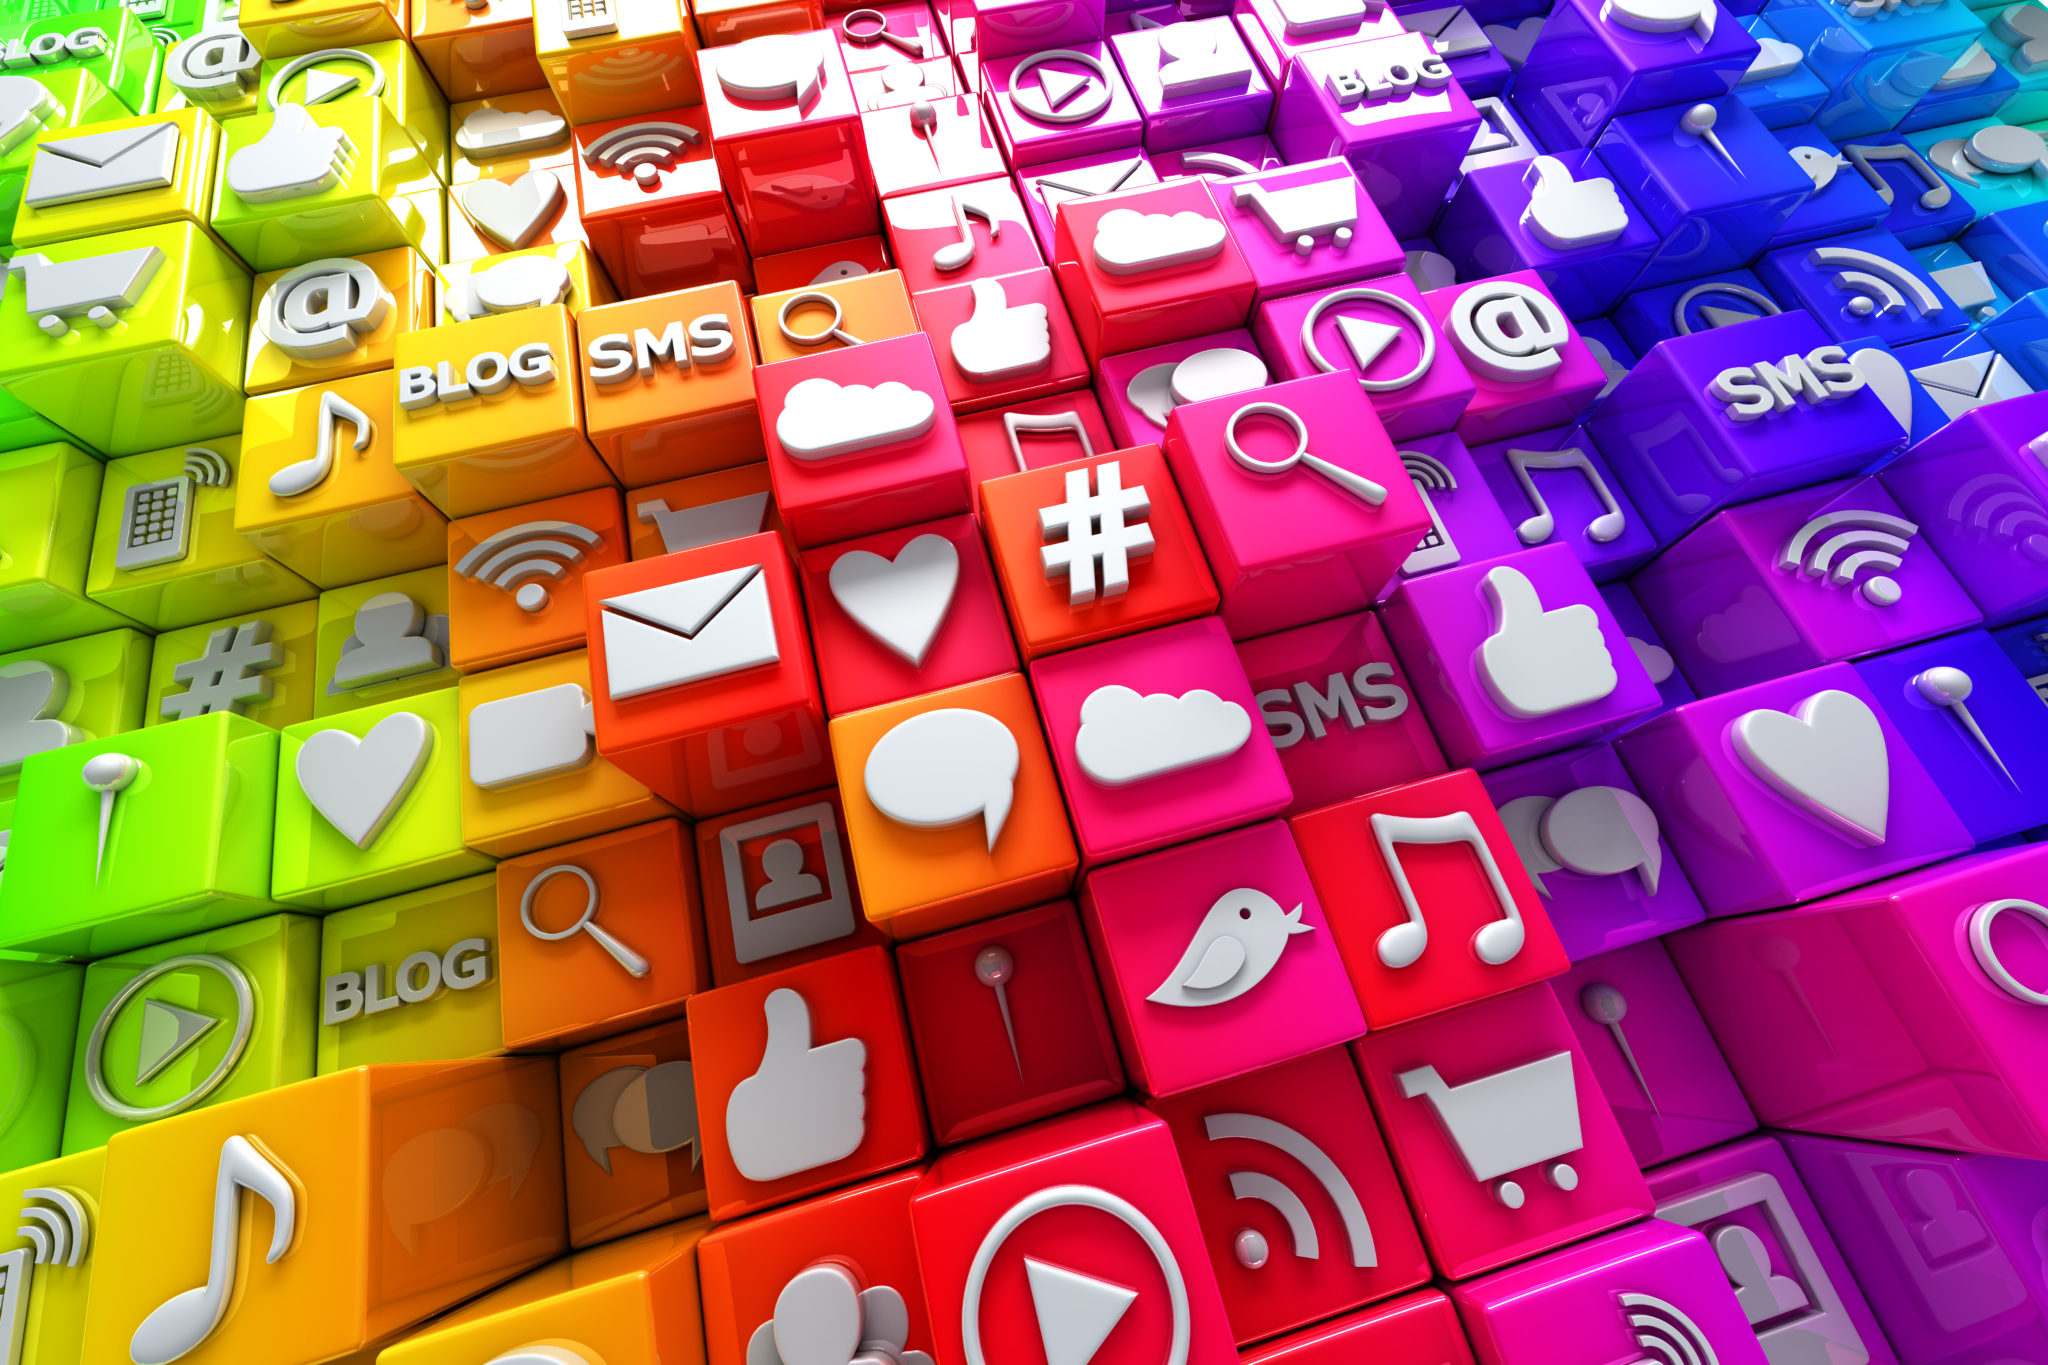 Social media platform